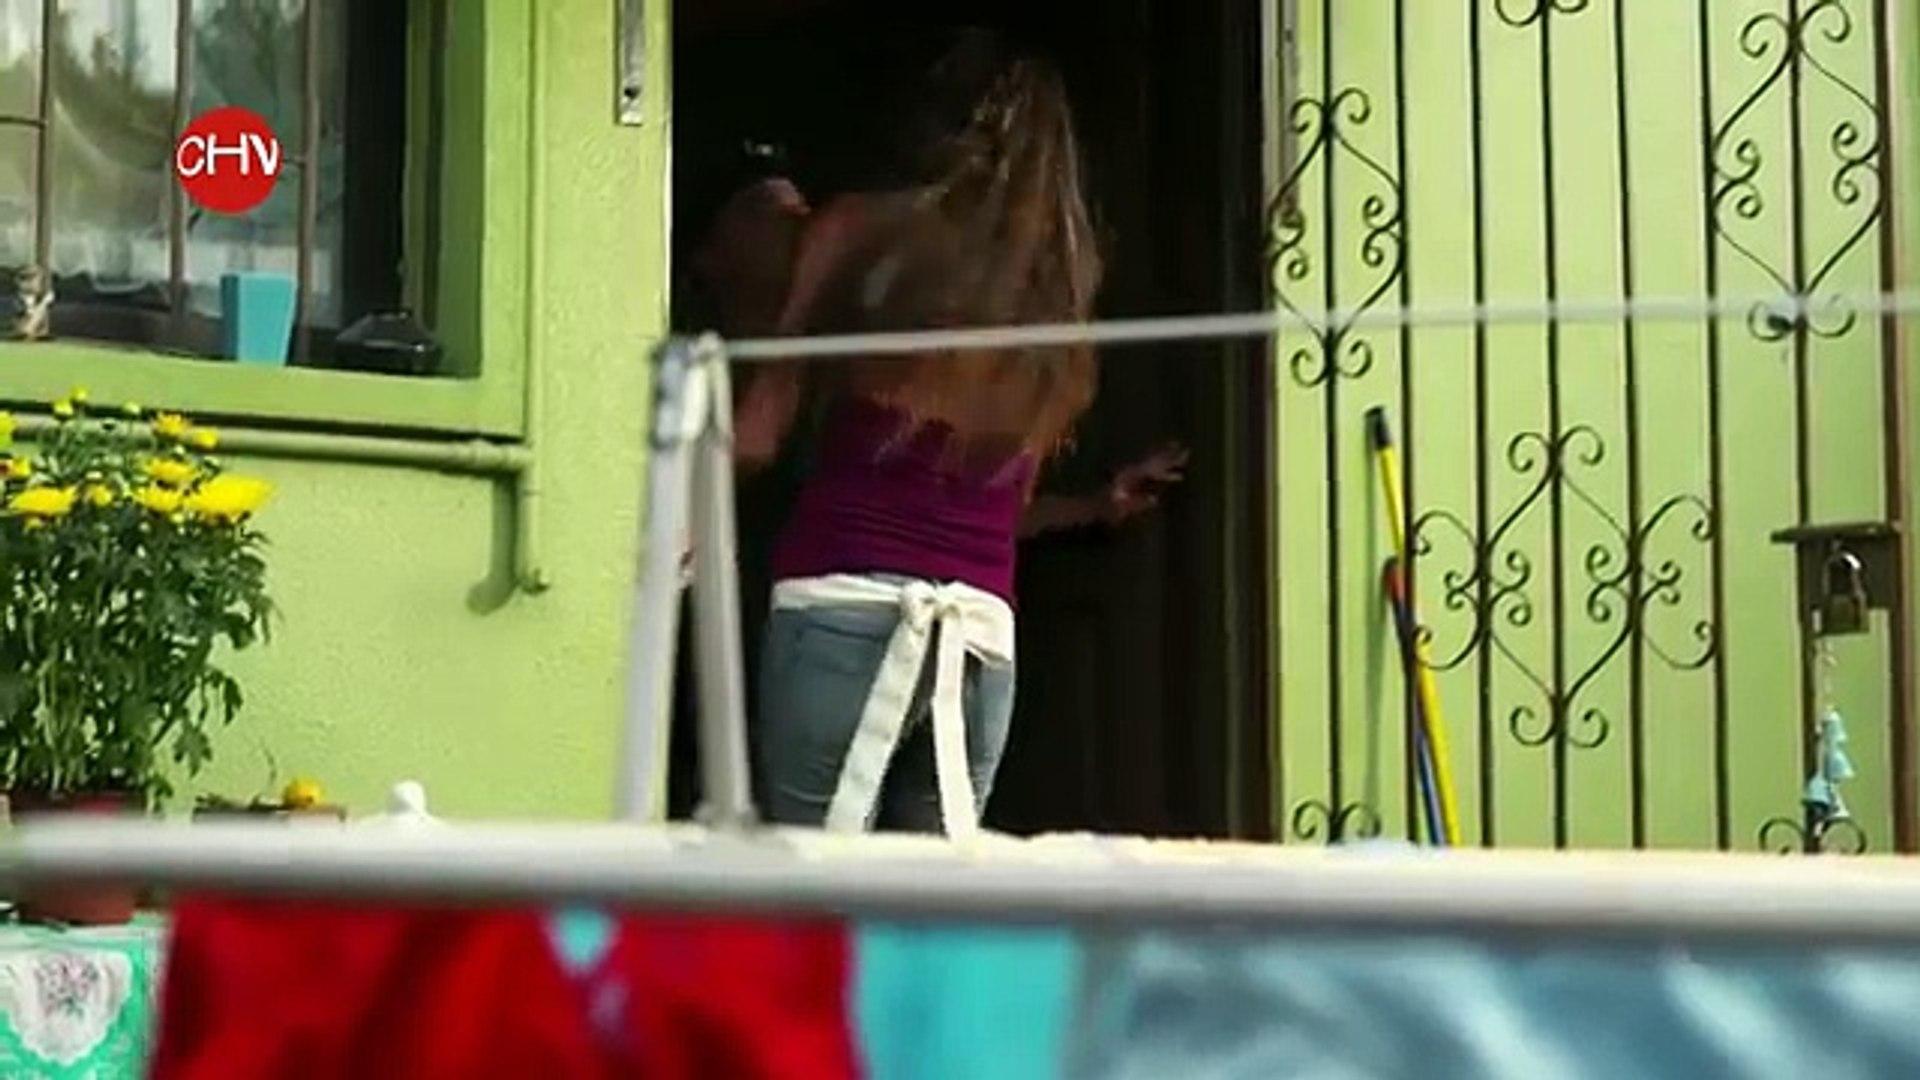 Uña y mugre - Infieles - Chilevisión,tv series series comedia acción Full Hd 2018